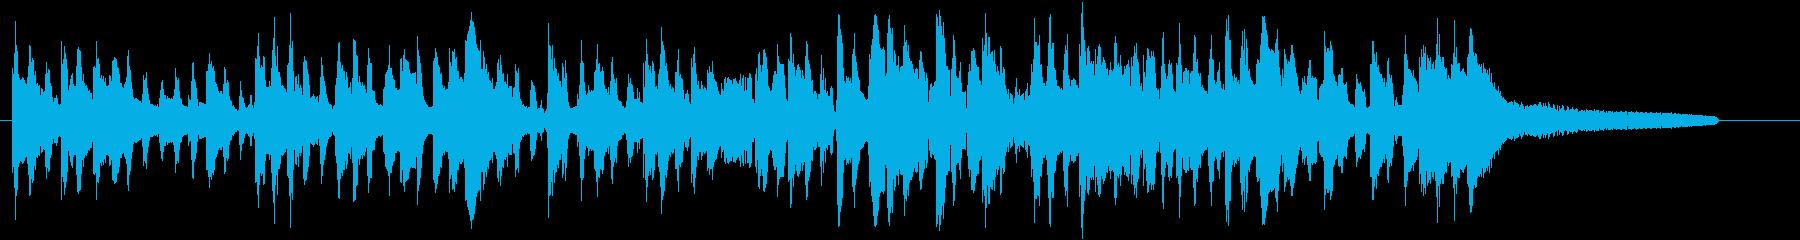 アダルトなジプシージャズのジングルの再生済みの波形